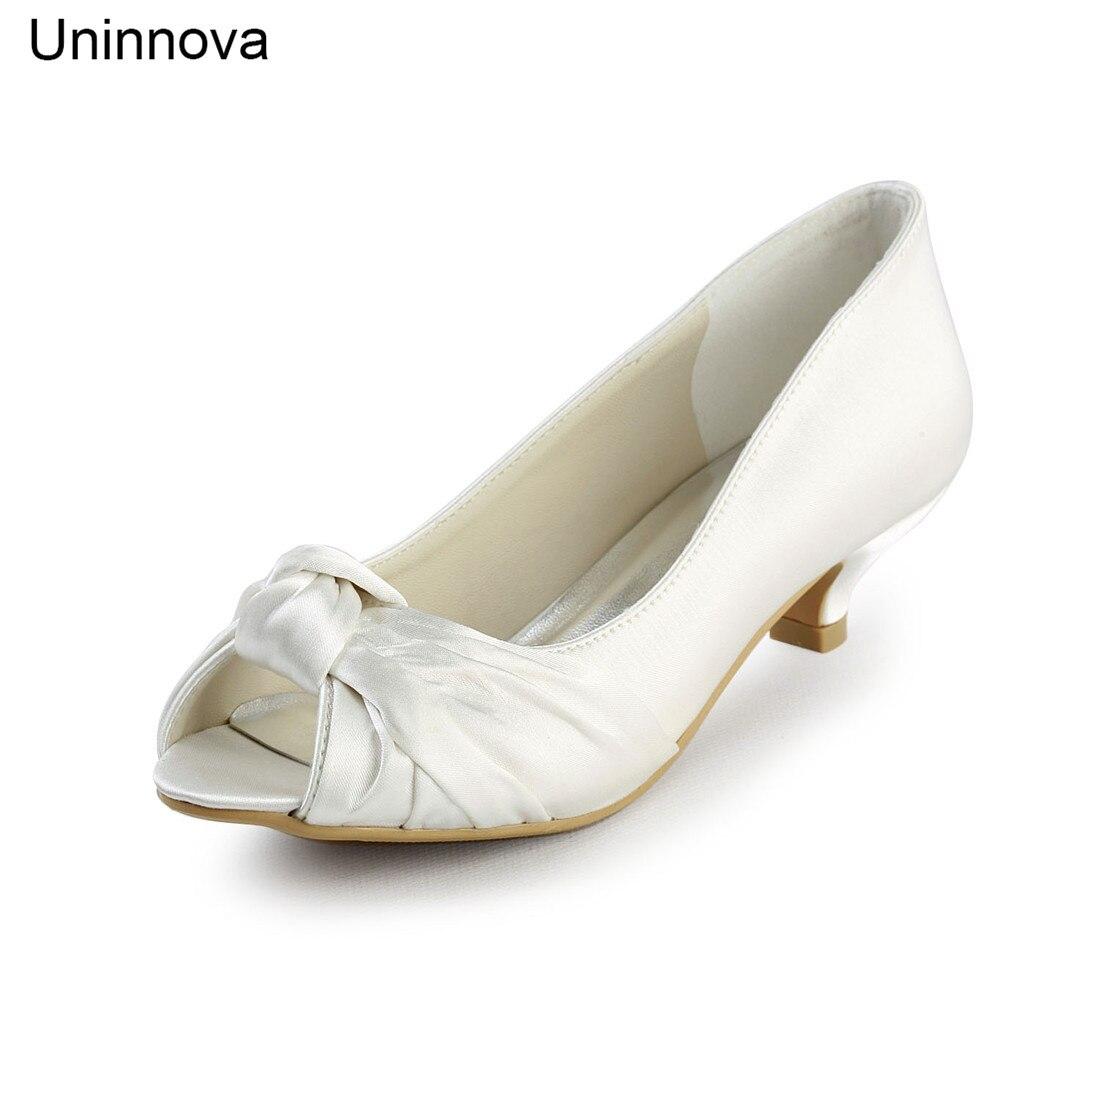 Med Pentecôte Femmes Pompes Ly Chaussures De Toe Pour Mariage Noeud D'honneur 100 10 Mariée Grands Les Ivoire Talons Champagne Peep Jours Demoiselles 0Z1PIqwx